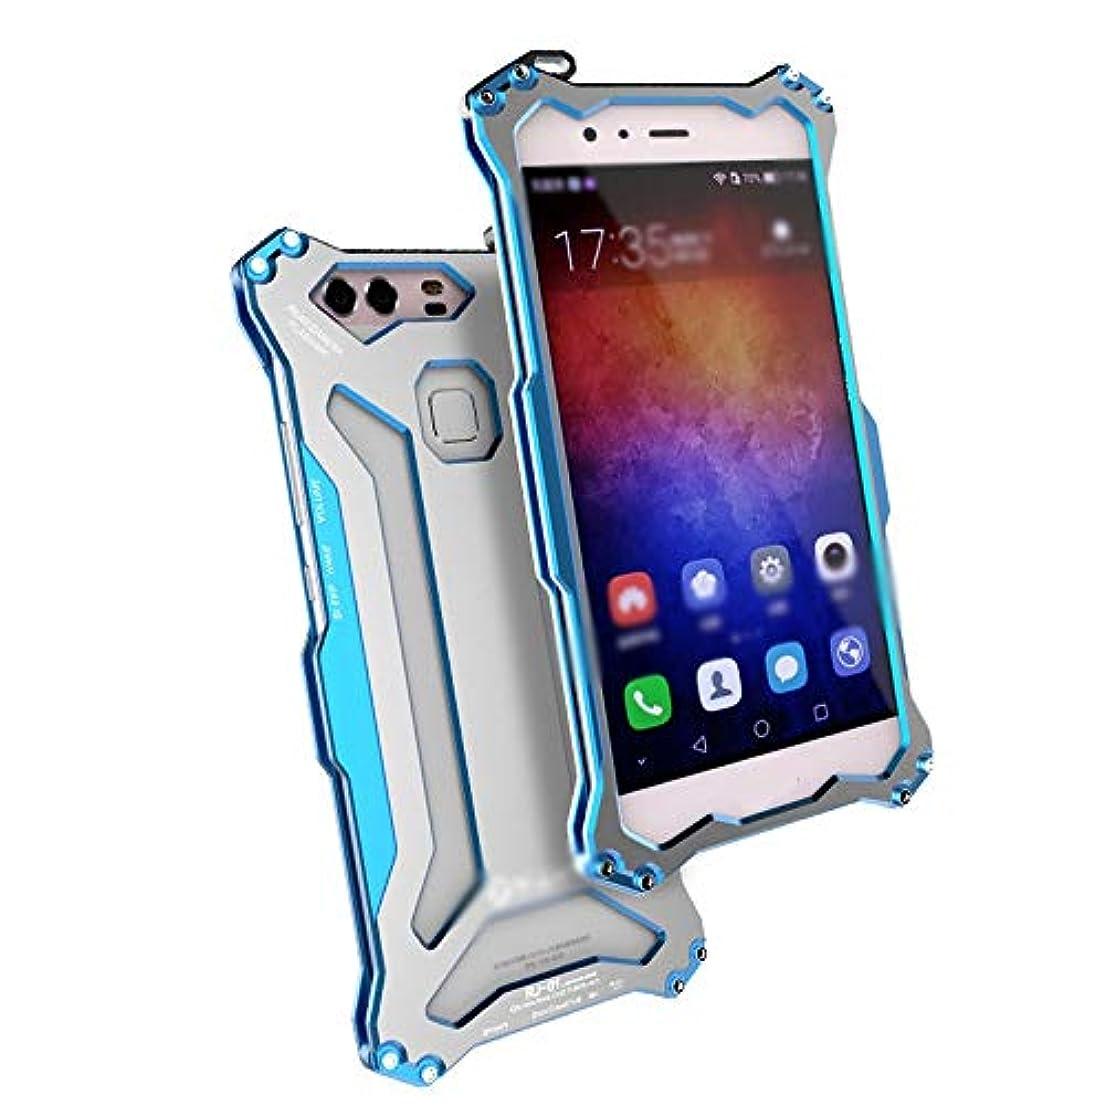 バンク資本なかなかTonglilili 電話ケース、Huawei P8、P8 Lite、P9用保護カバーウルトラライトアルミ携帯電話シェルアンチドロップ電話ケース (Color : BLUE+SILVER, Edition : P9)